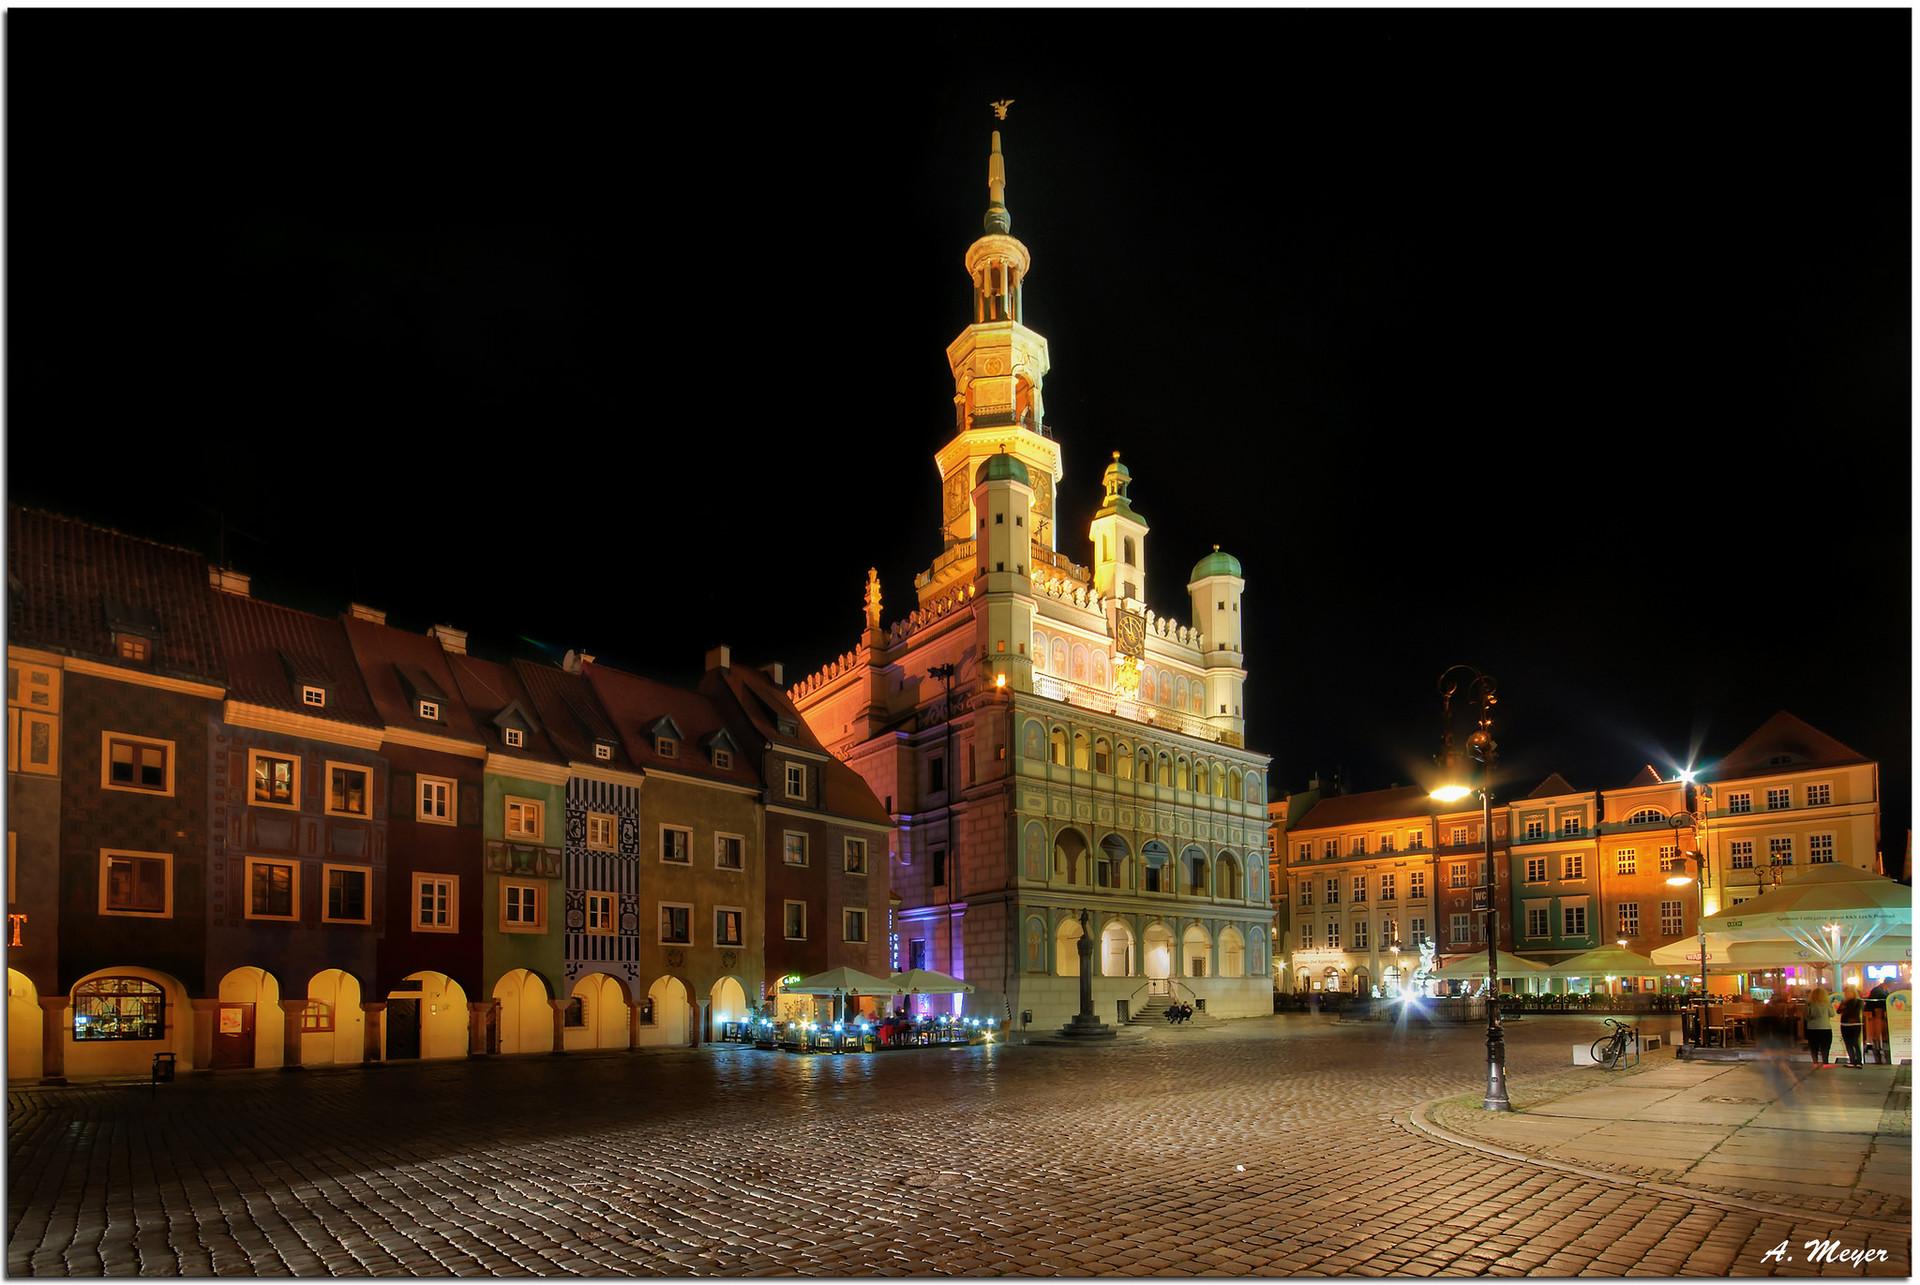 Przygoda w Poznaniu, Polska według Maksyma